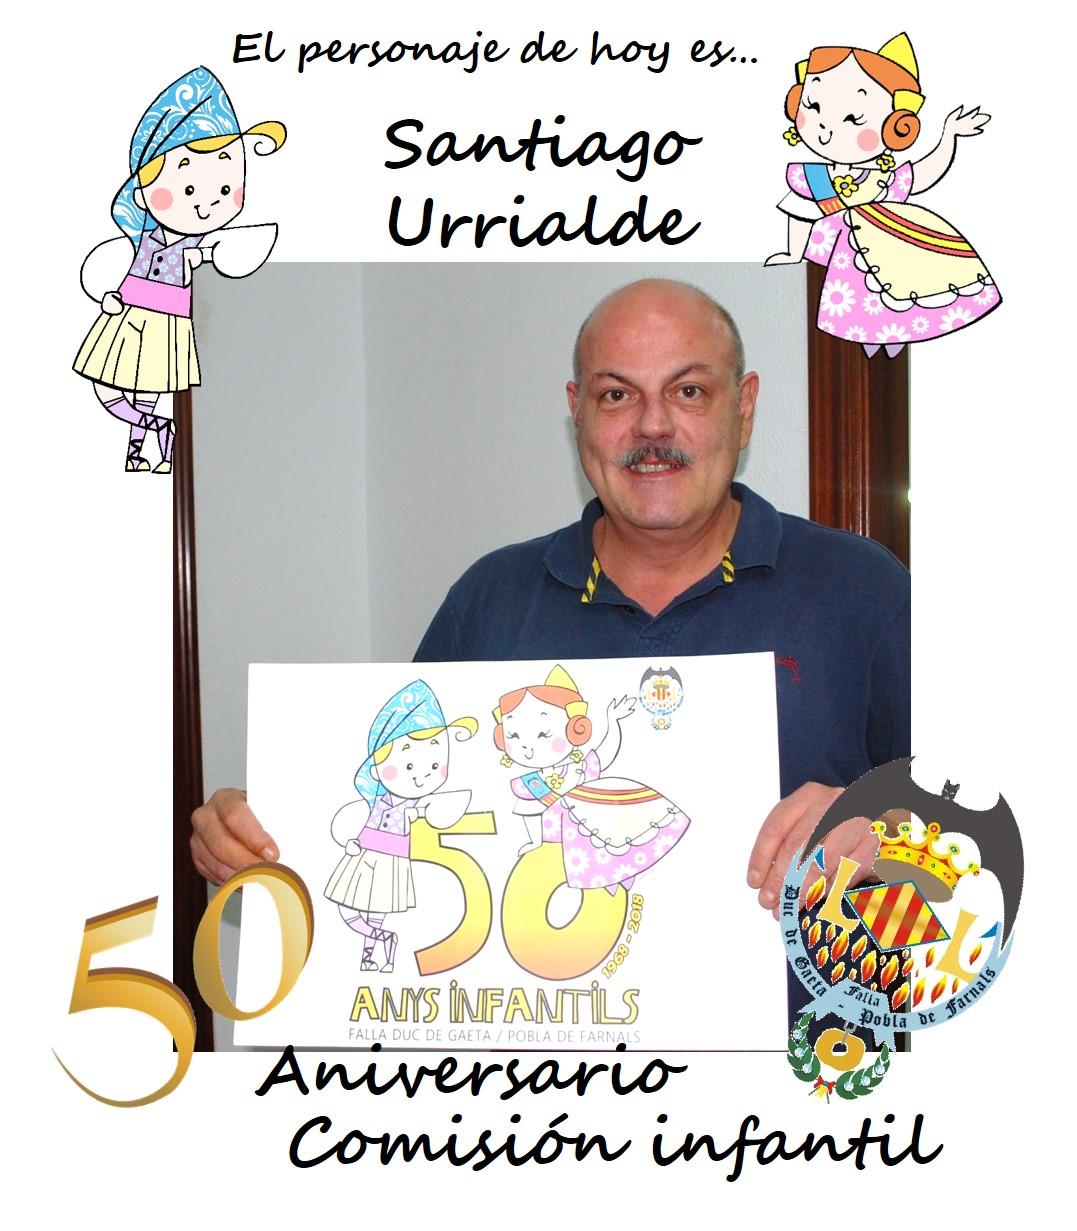 Personaje del día: Santiago Urrialde